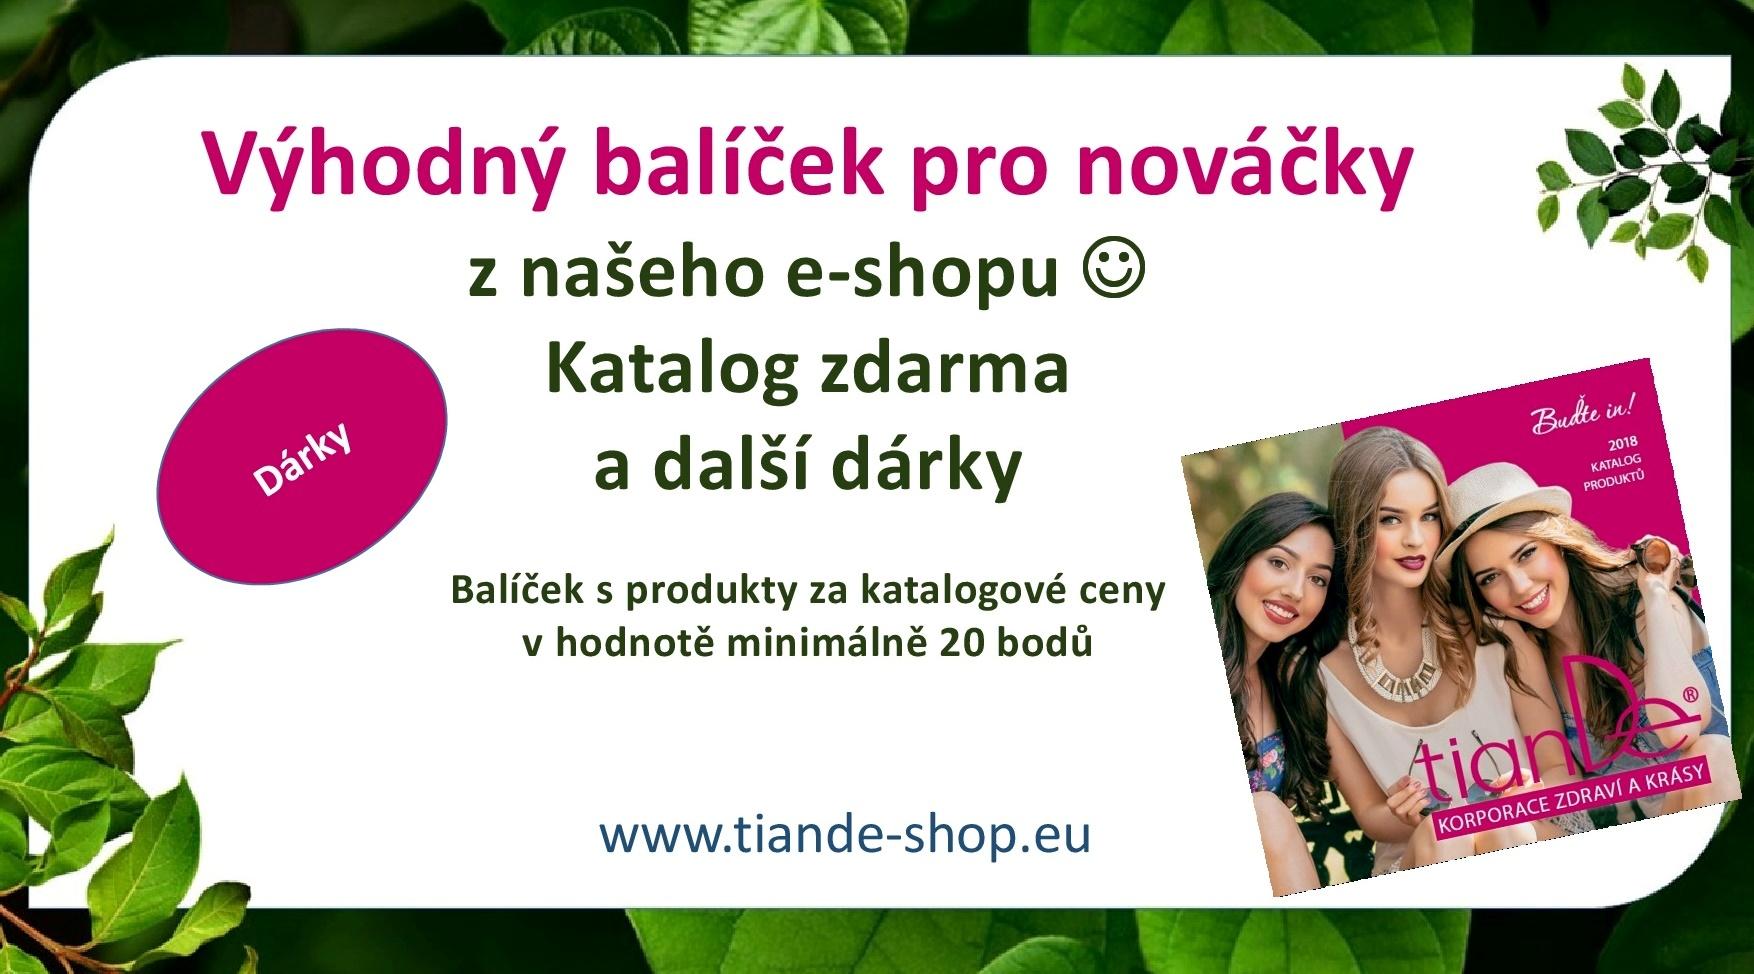 https://www.tiande-shop.eu/balicky-pro-novacky/